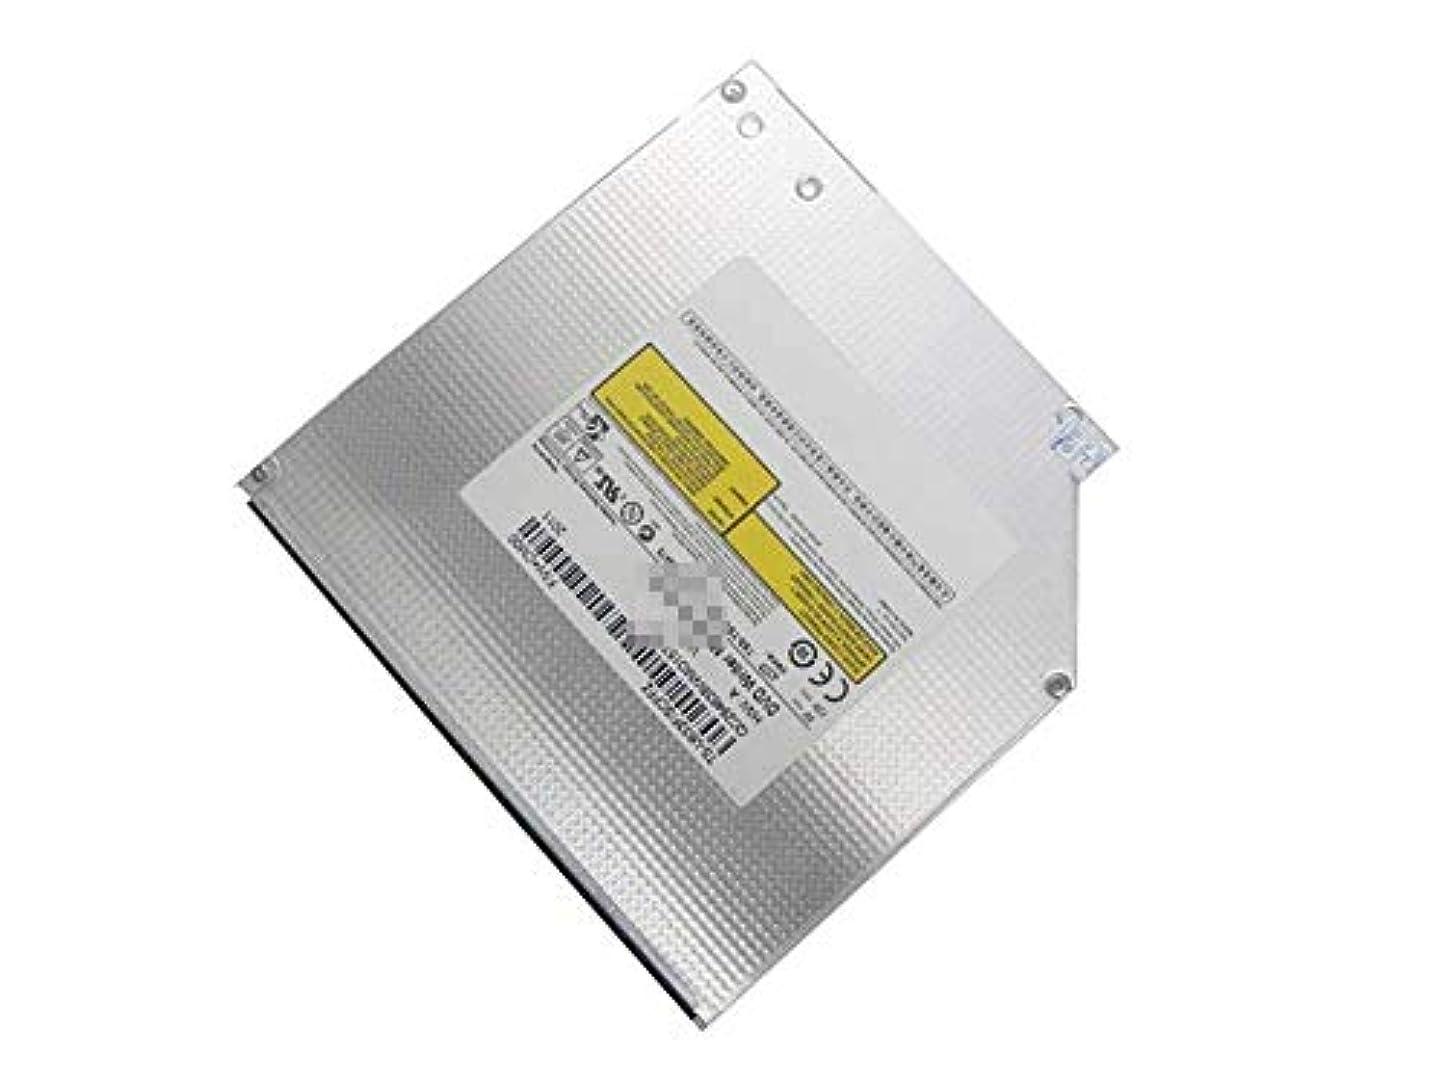 代わって葉を拾うフェローシップ【SAPA】DVDドライブ/DVDスーパーマルチドライブ 適用する TS-U633 TS-U633A TS-U633J TS-U633F AD-7930H UJ8A2 UJ8B2 修理交換用 9.5mm SATA (トレイ方式) 内蔵型